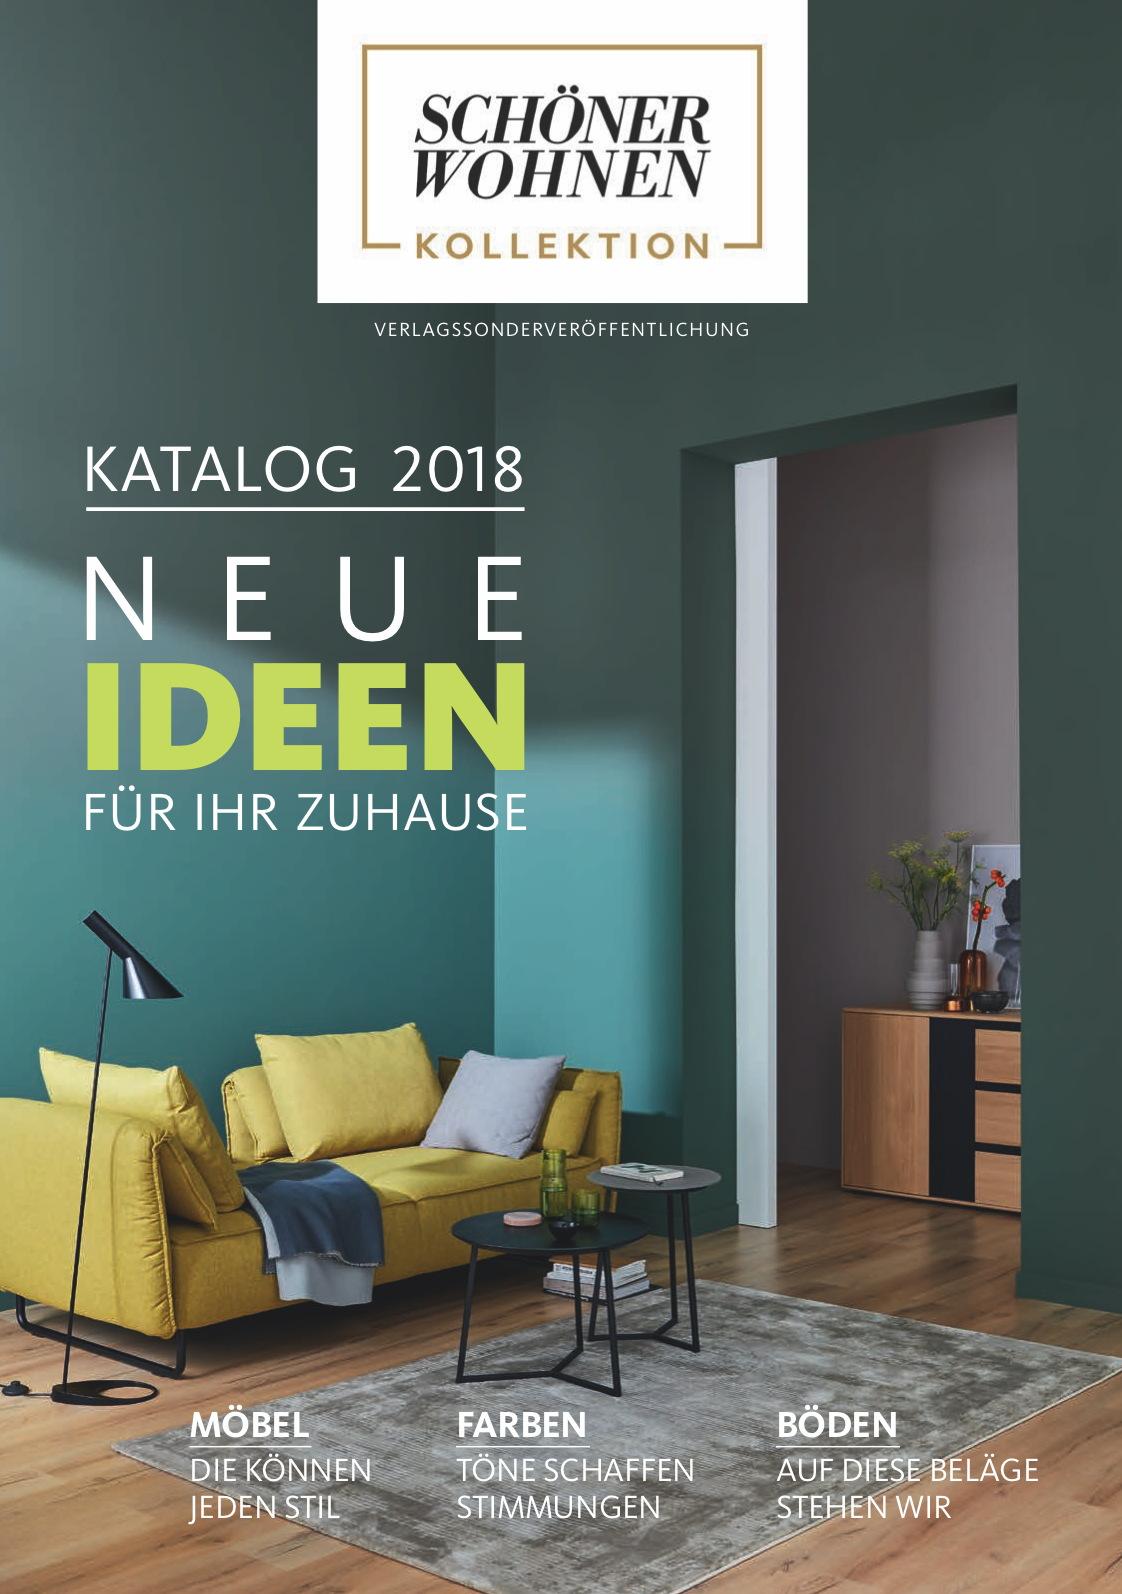 Gewaltig Schöner Wohnen Trendfarbe 2017 Das Beste Von ▷ Neues Von Der SchÖner Wohnen-kollektion: Das